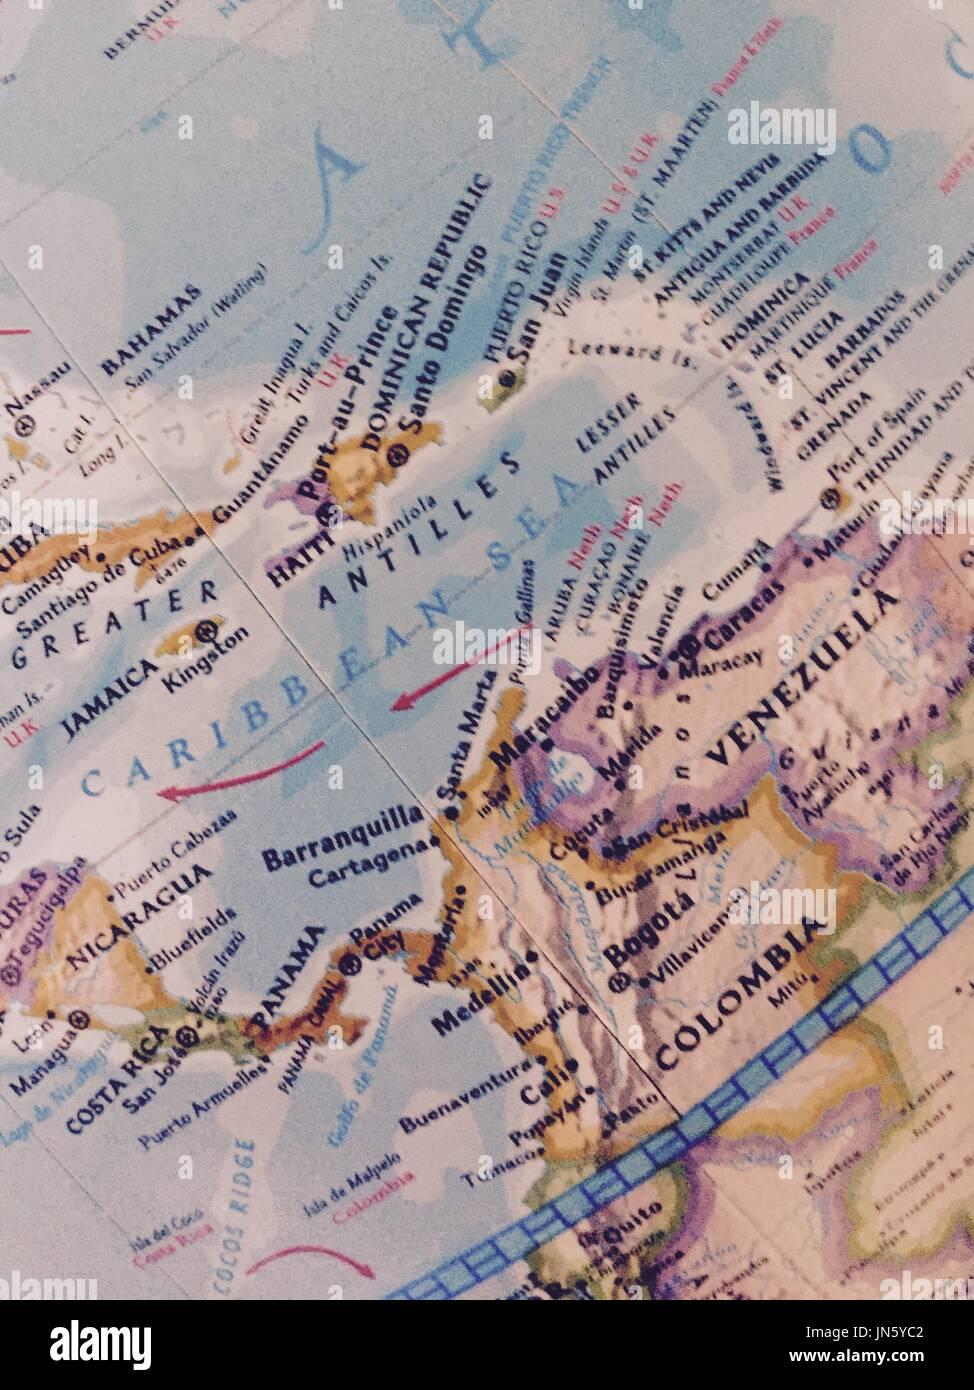 Atlas topography map stock photos atlas topography map stock map stock image gumiabroncs Gallery